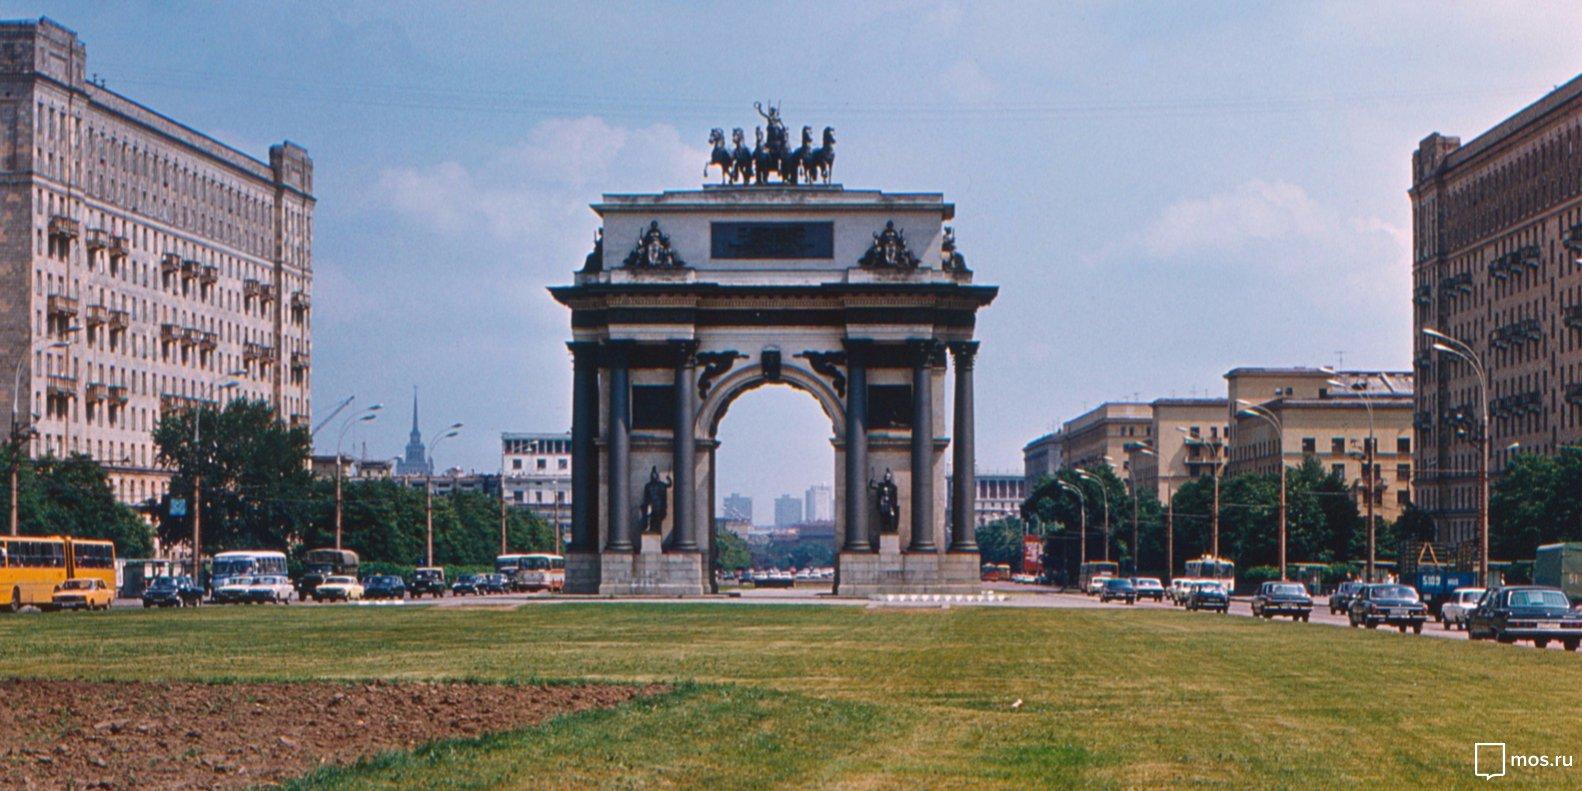 Триумфальная арка на Кутузовском проспекте. Автор И.С. Буров. Москва. 1984 год. Фото: Главное архивное управление города